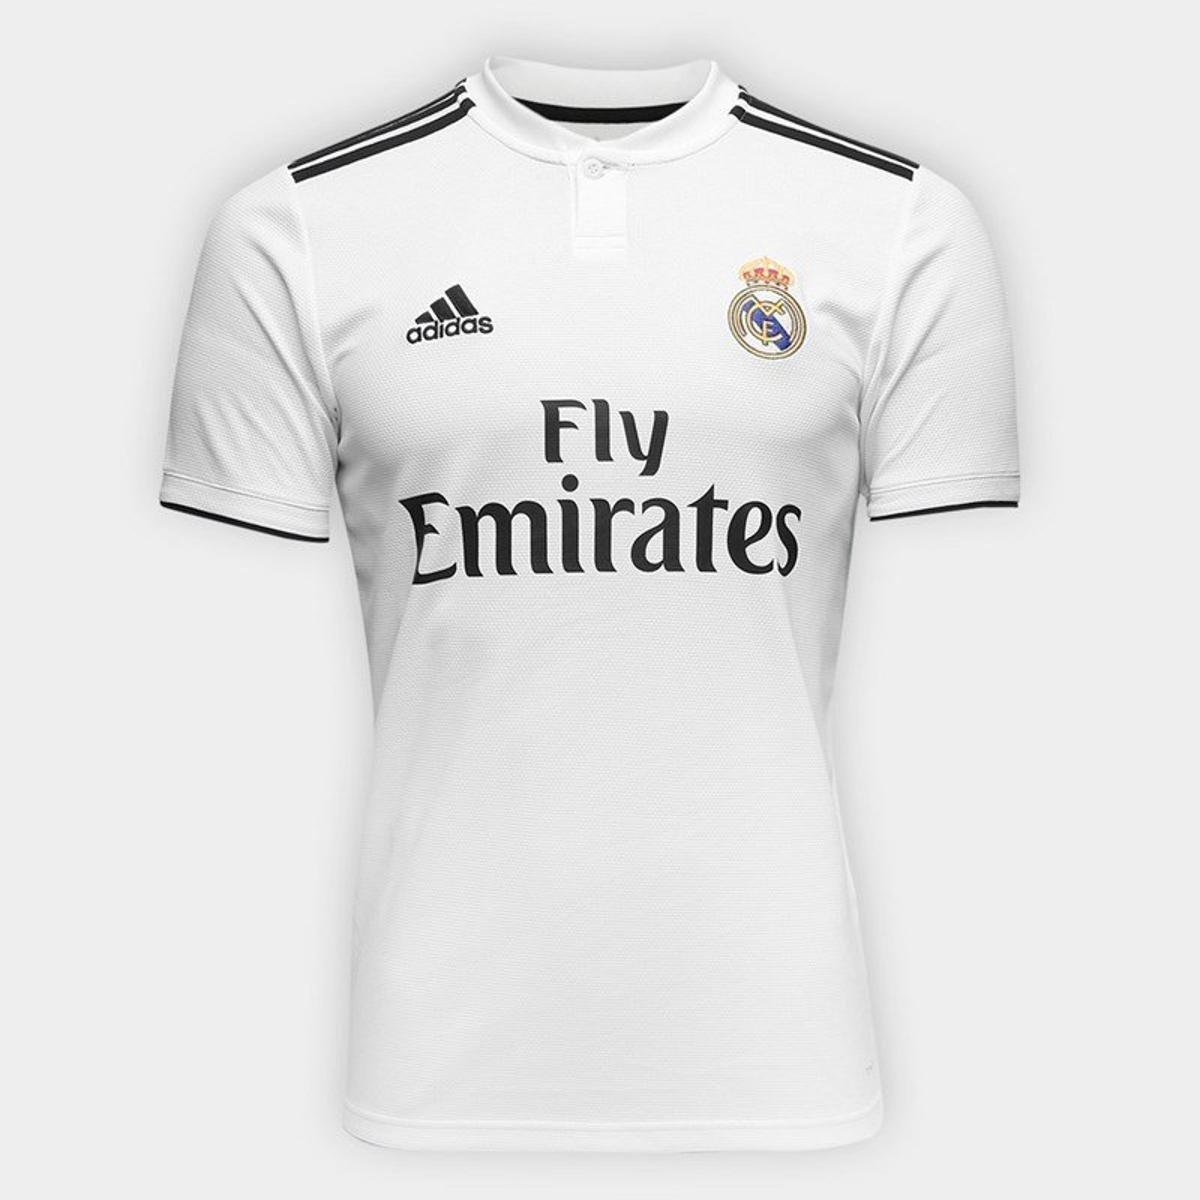 Camisa Adidas Real Madrid Masculina Branca Real Madrid DH3372